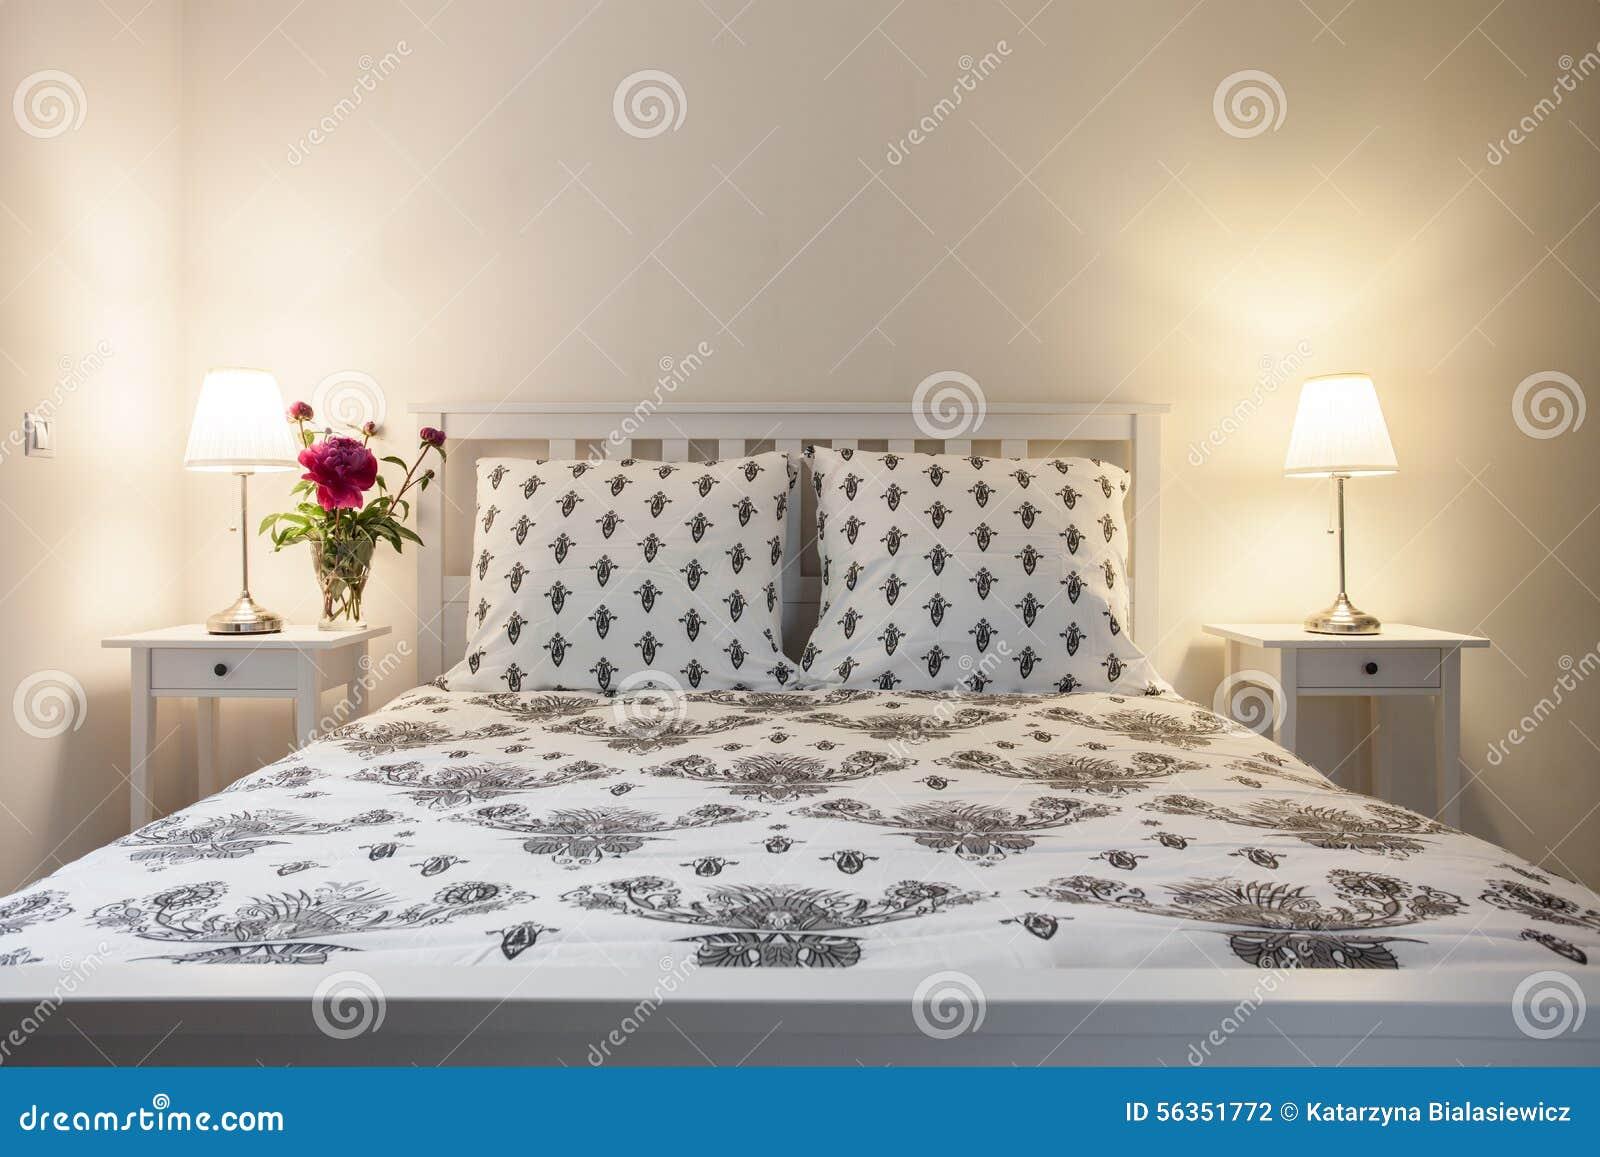 Biała I Beżowa Elegancka Sypialnia Zdjęcie Stock Obraz